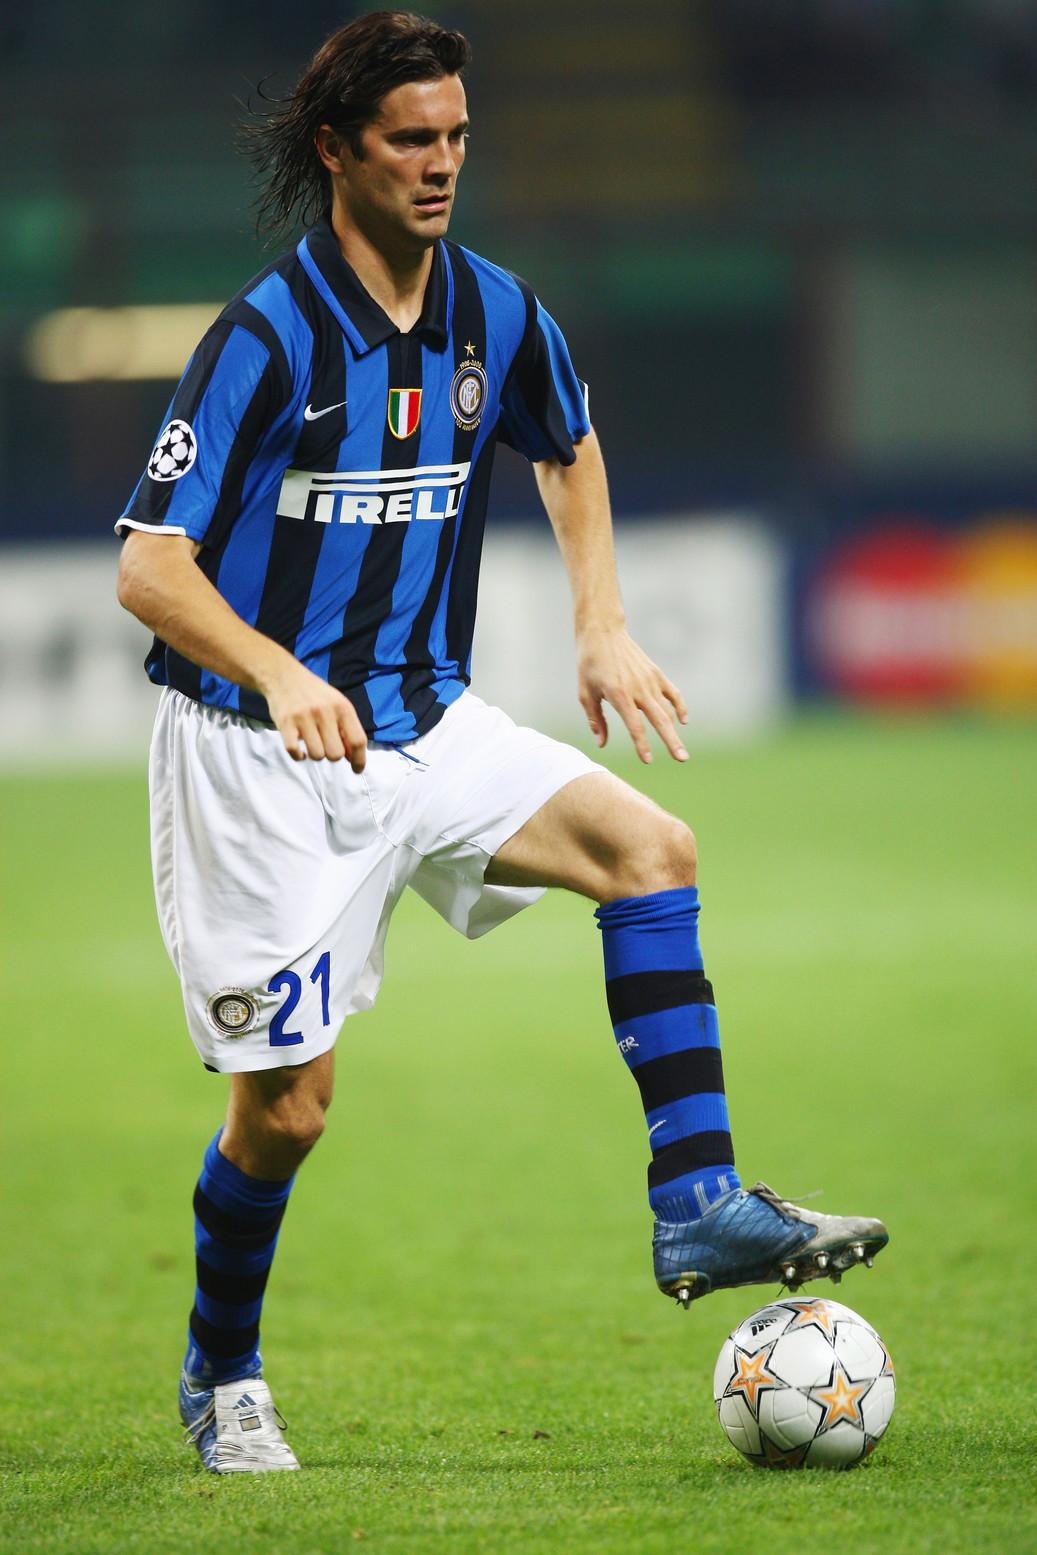 Santiago Solari: arrivato nel 2005 e andato via nel 2008, 71 partite e 6 trofei vinti